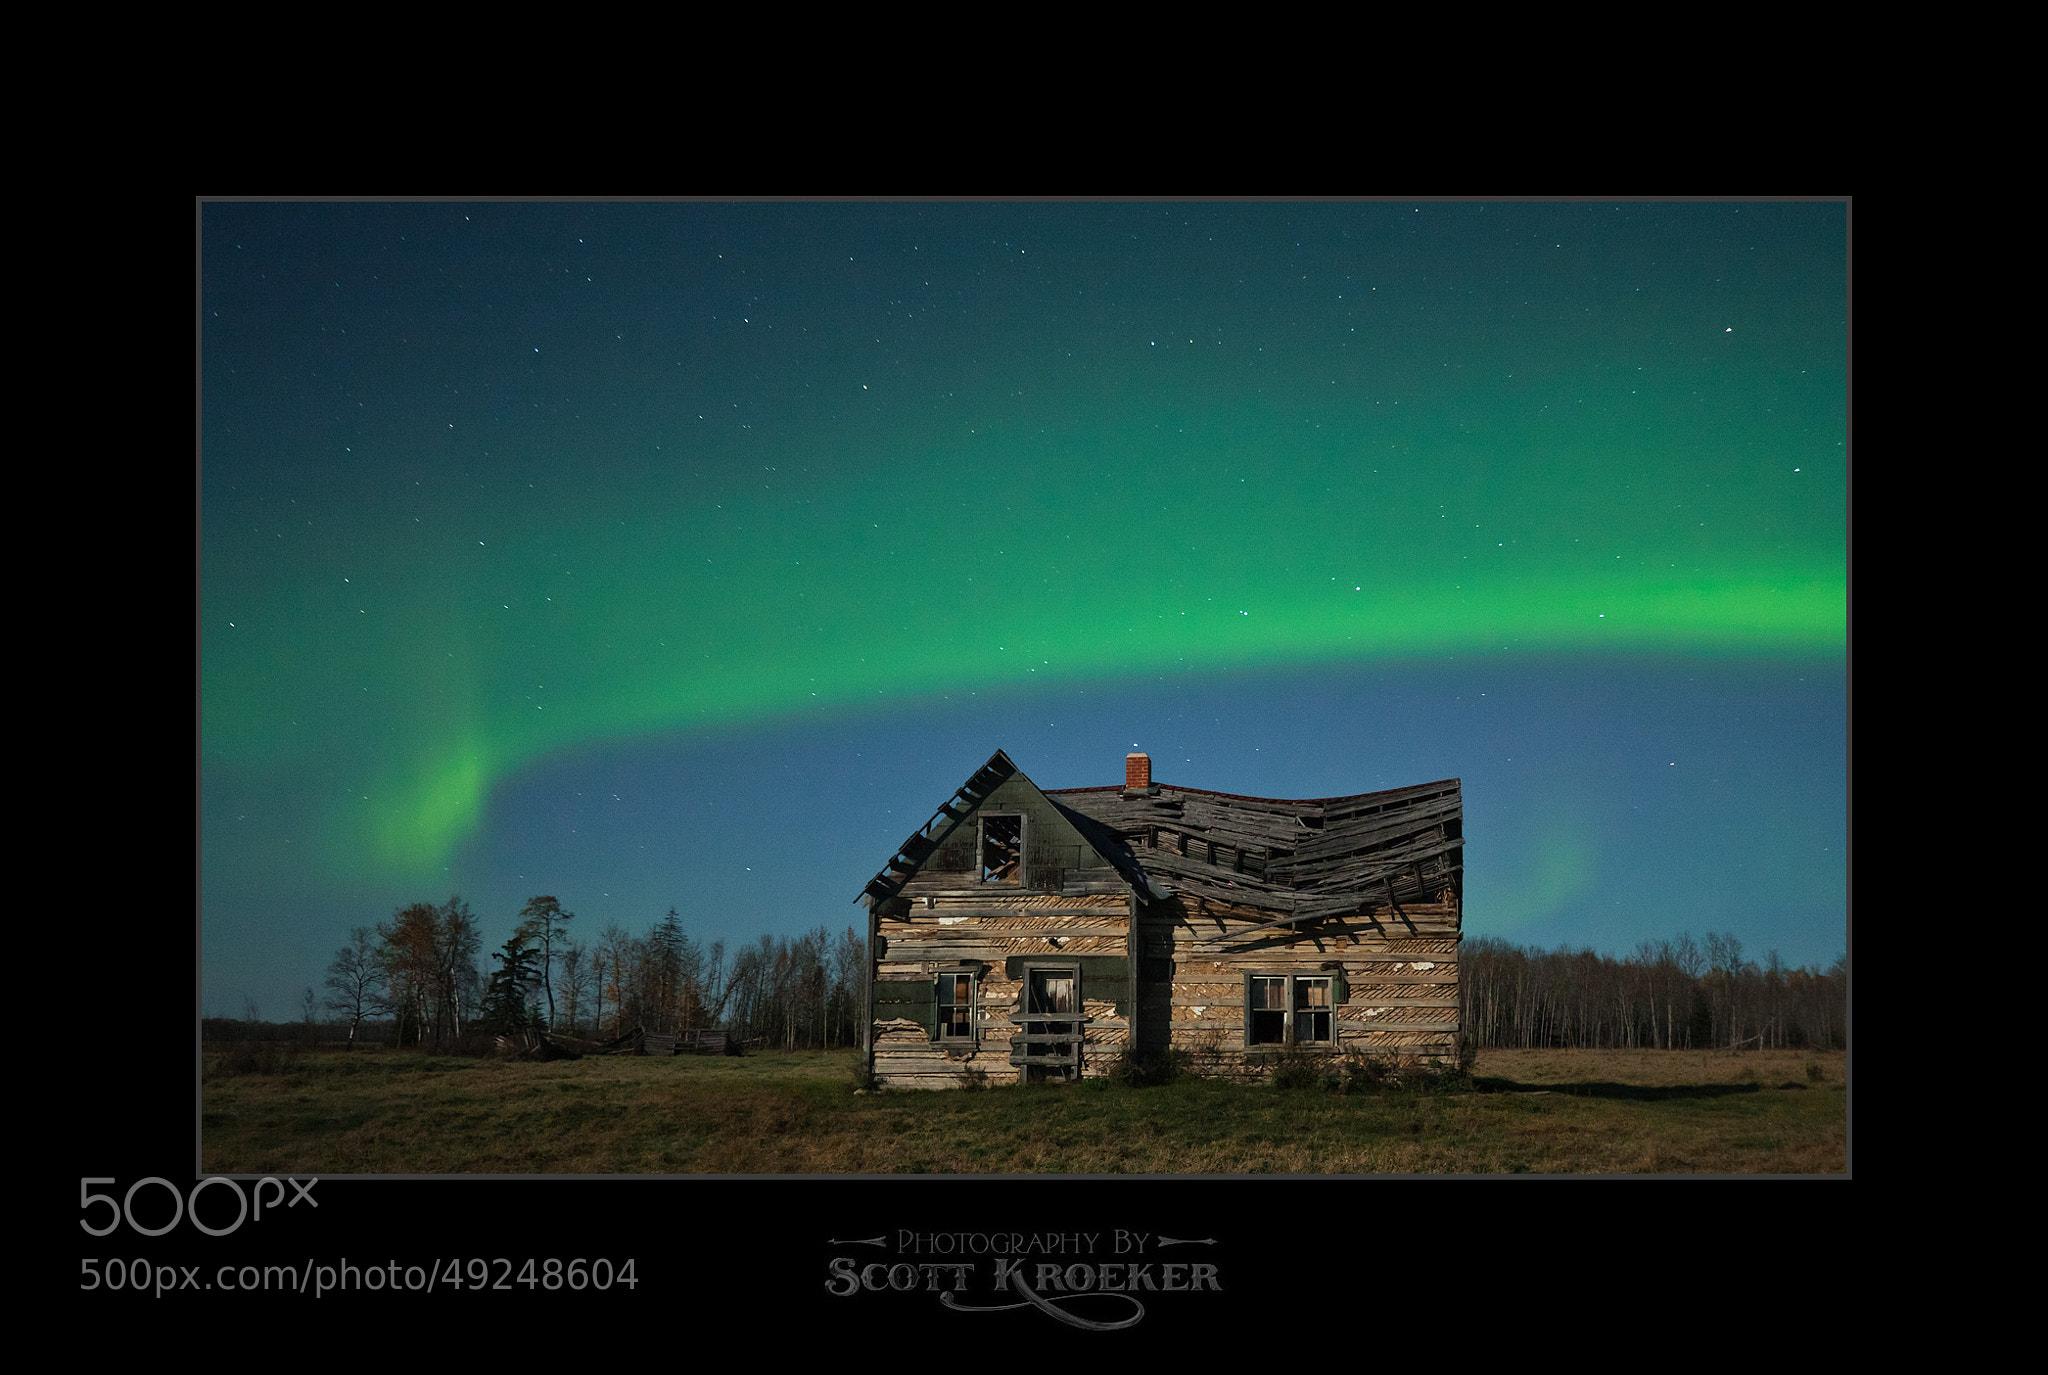 Photograph Celestial Homestead II by Scott Kroeker on 500px